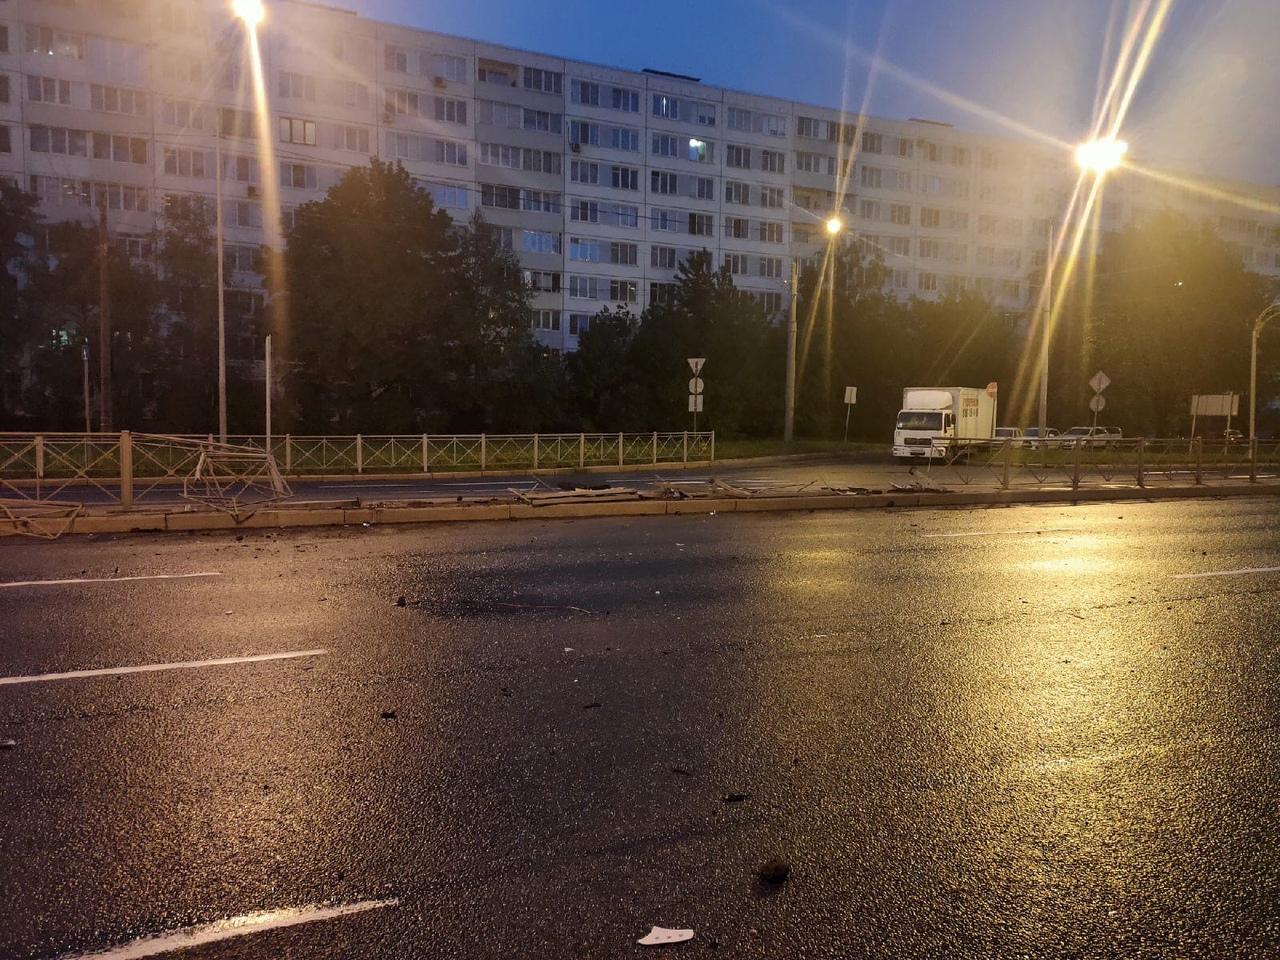 Напротив 31 дома по Софийской в районе 3:15 в разделительное ограждение влетел белый а/м (если н...